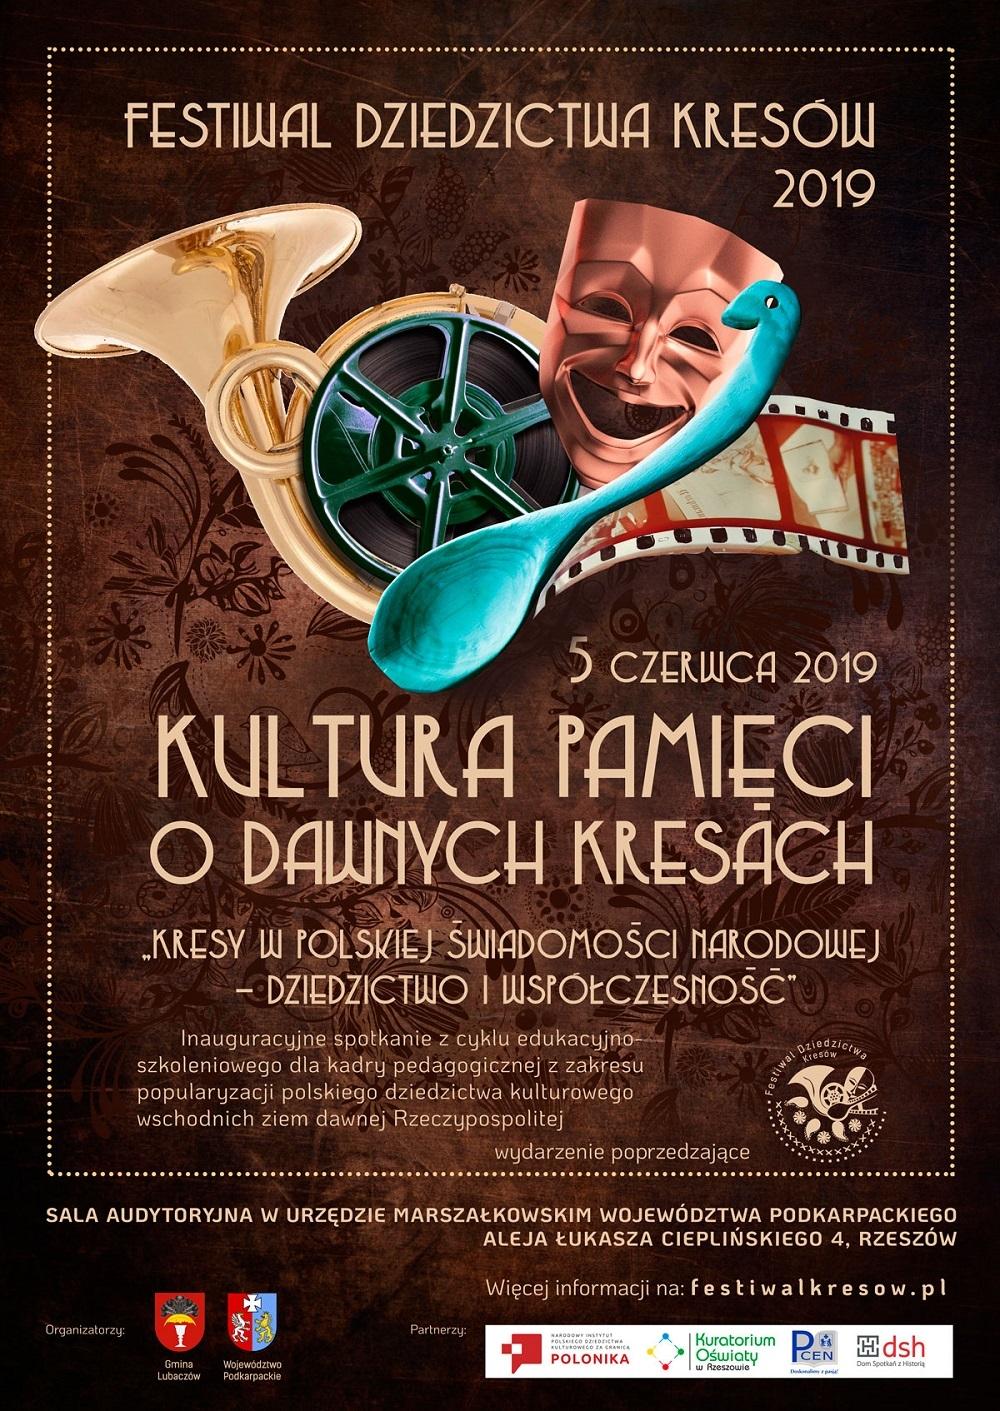 Festiwal Dziedzictwa Kresów w Rzeszowie - Zdjęcie główne